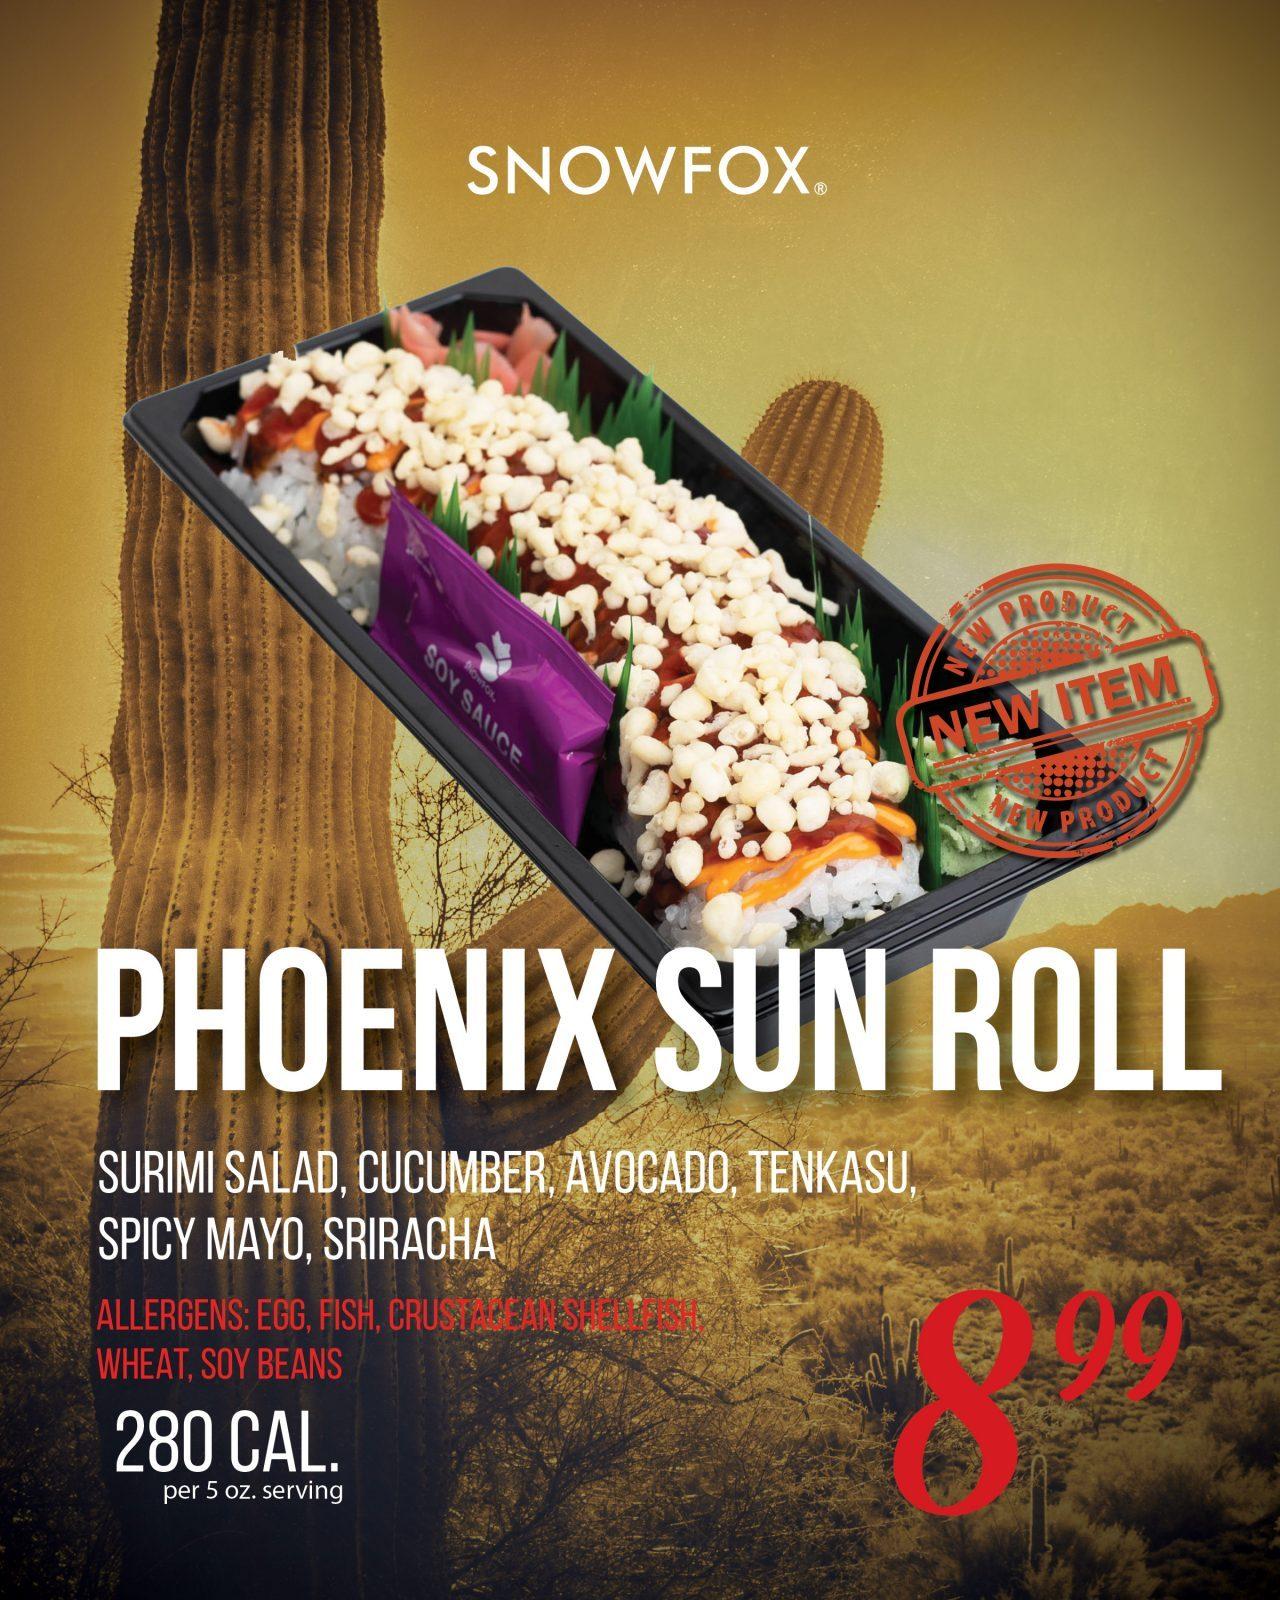 Snowfox 포스터모음